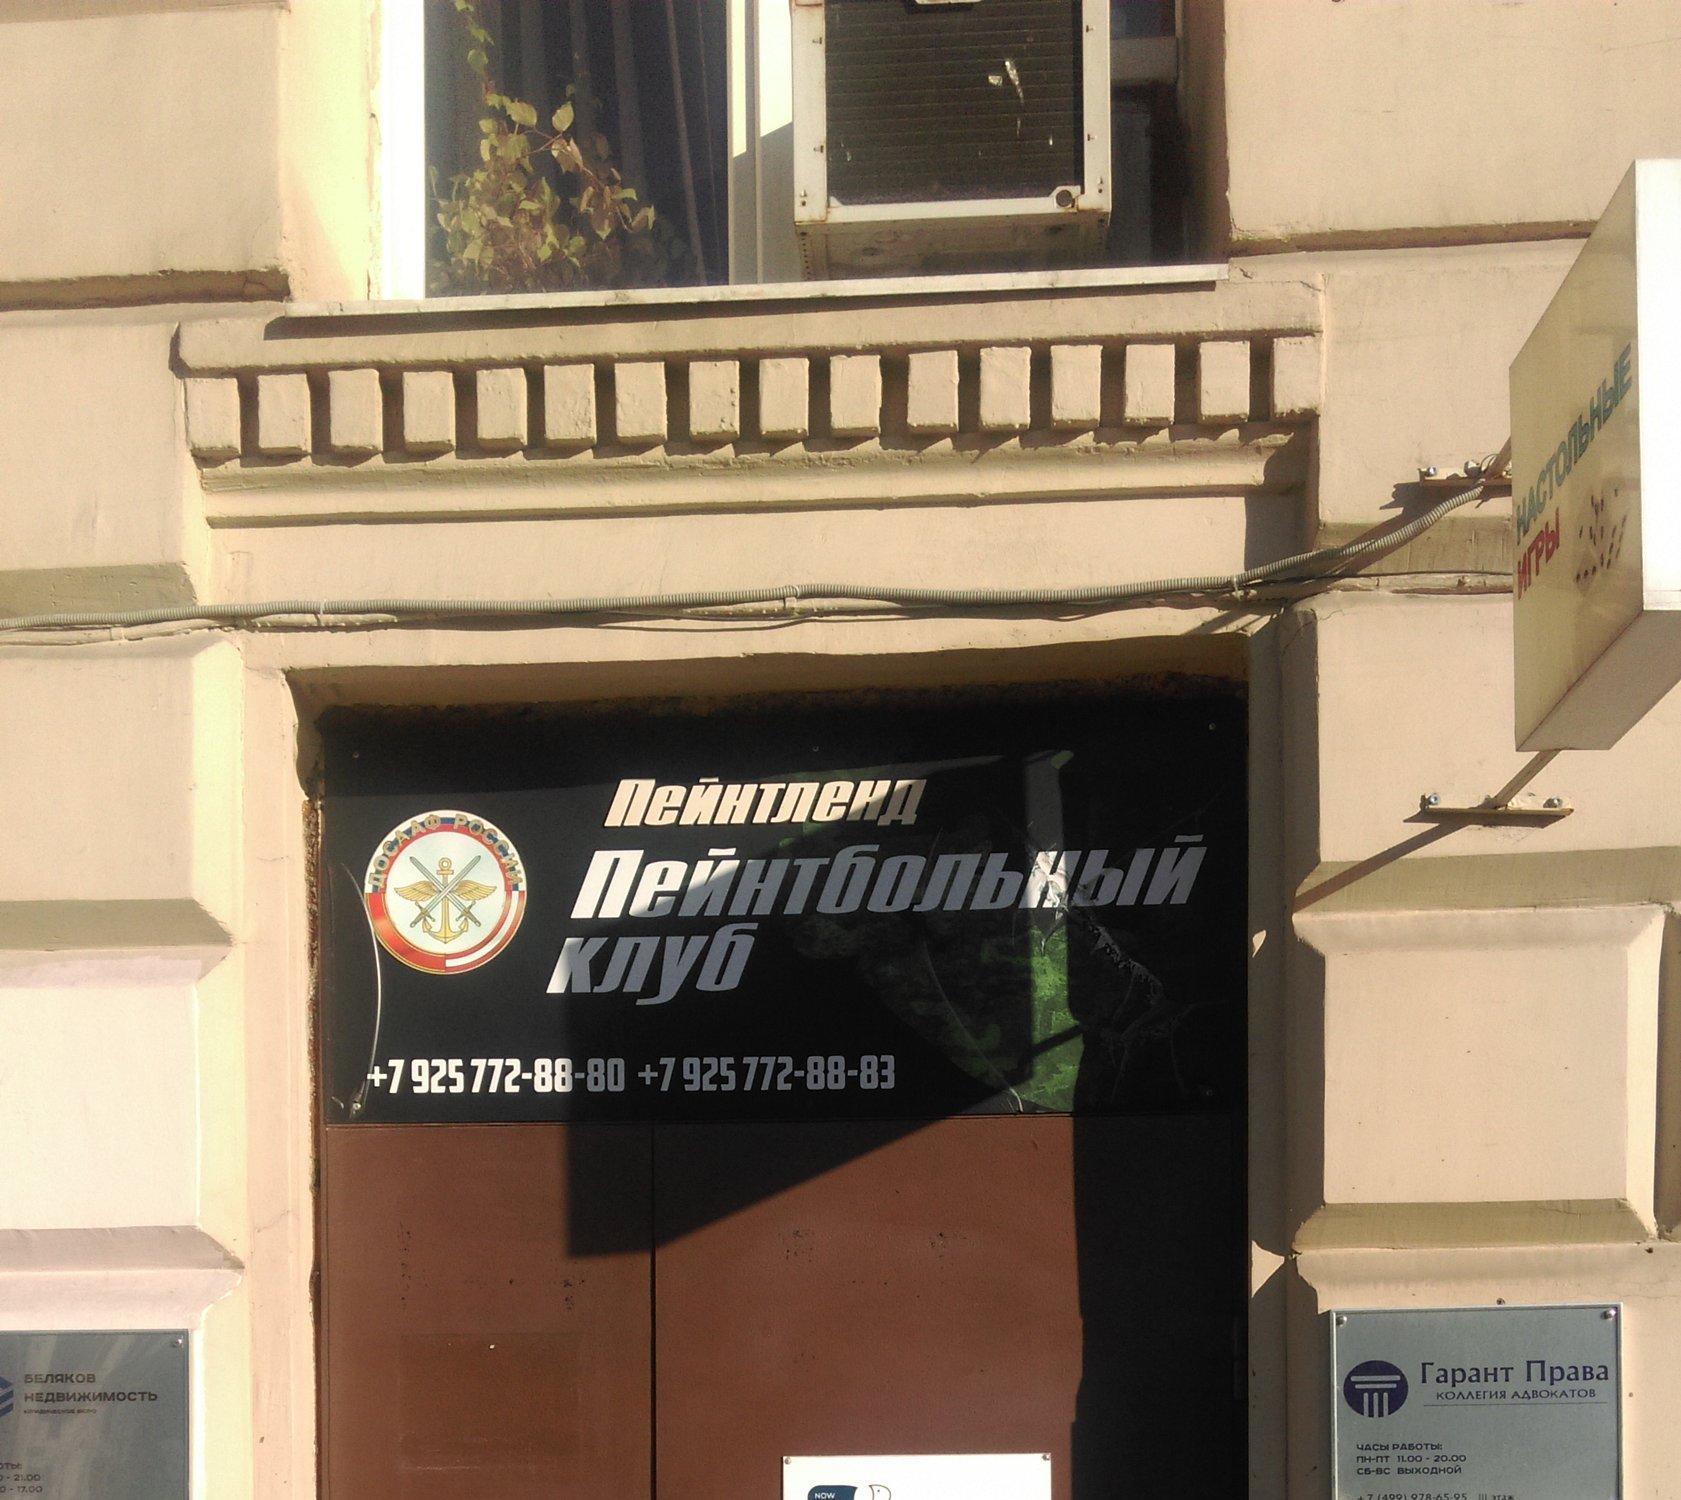 фотография Пейнтбольного клуба Пейнтленд офис на метро Менделеевская